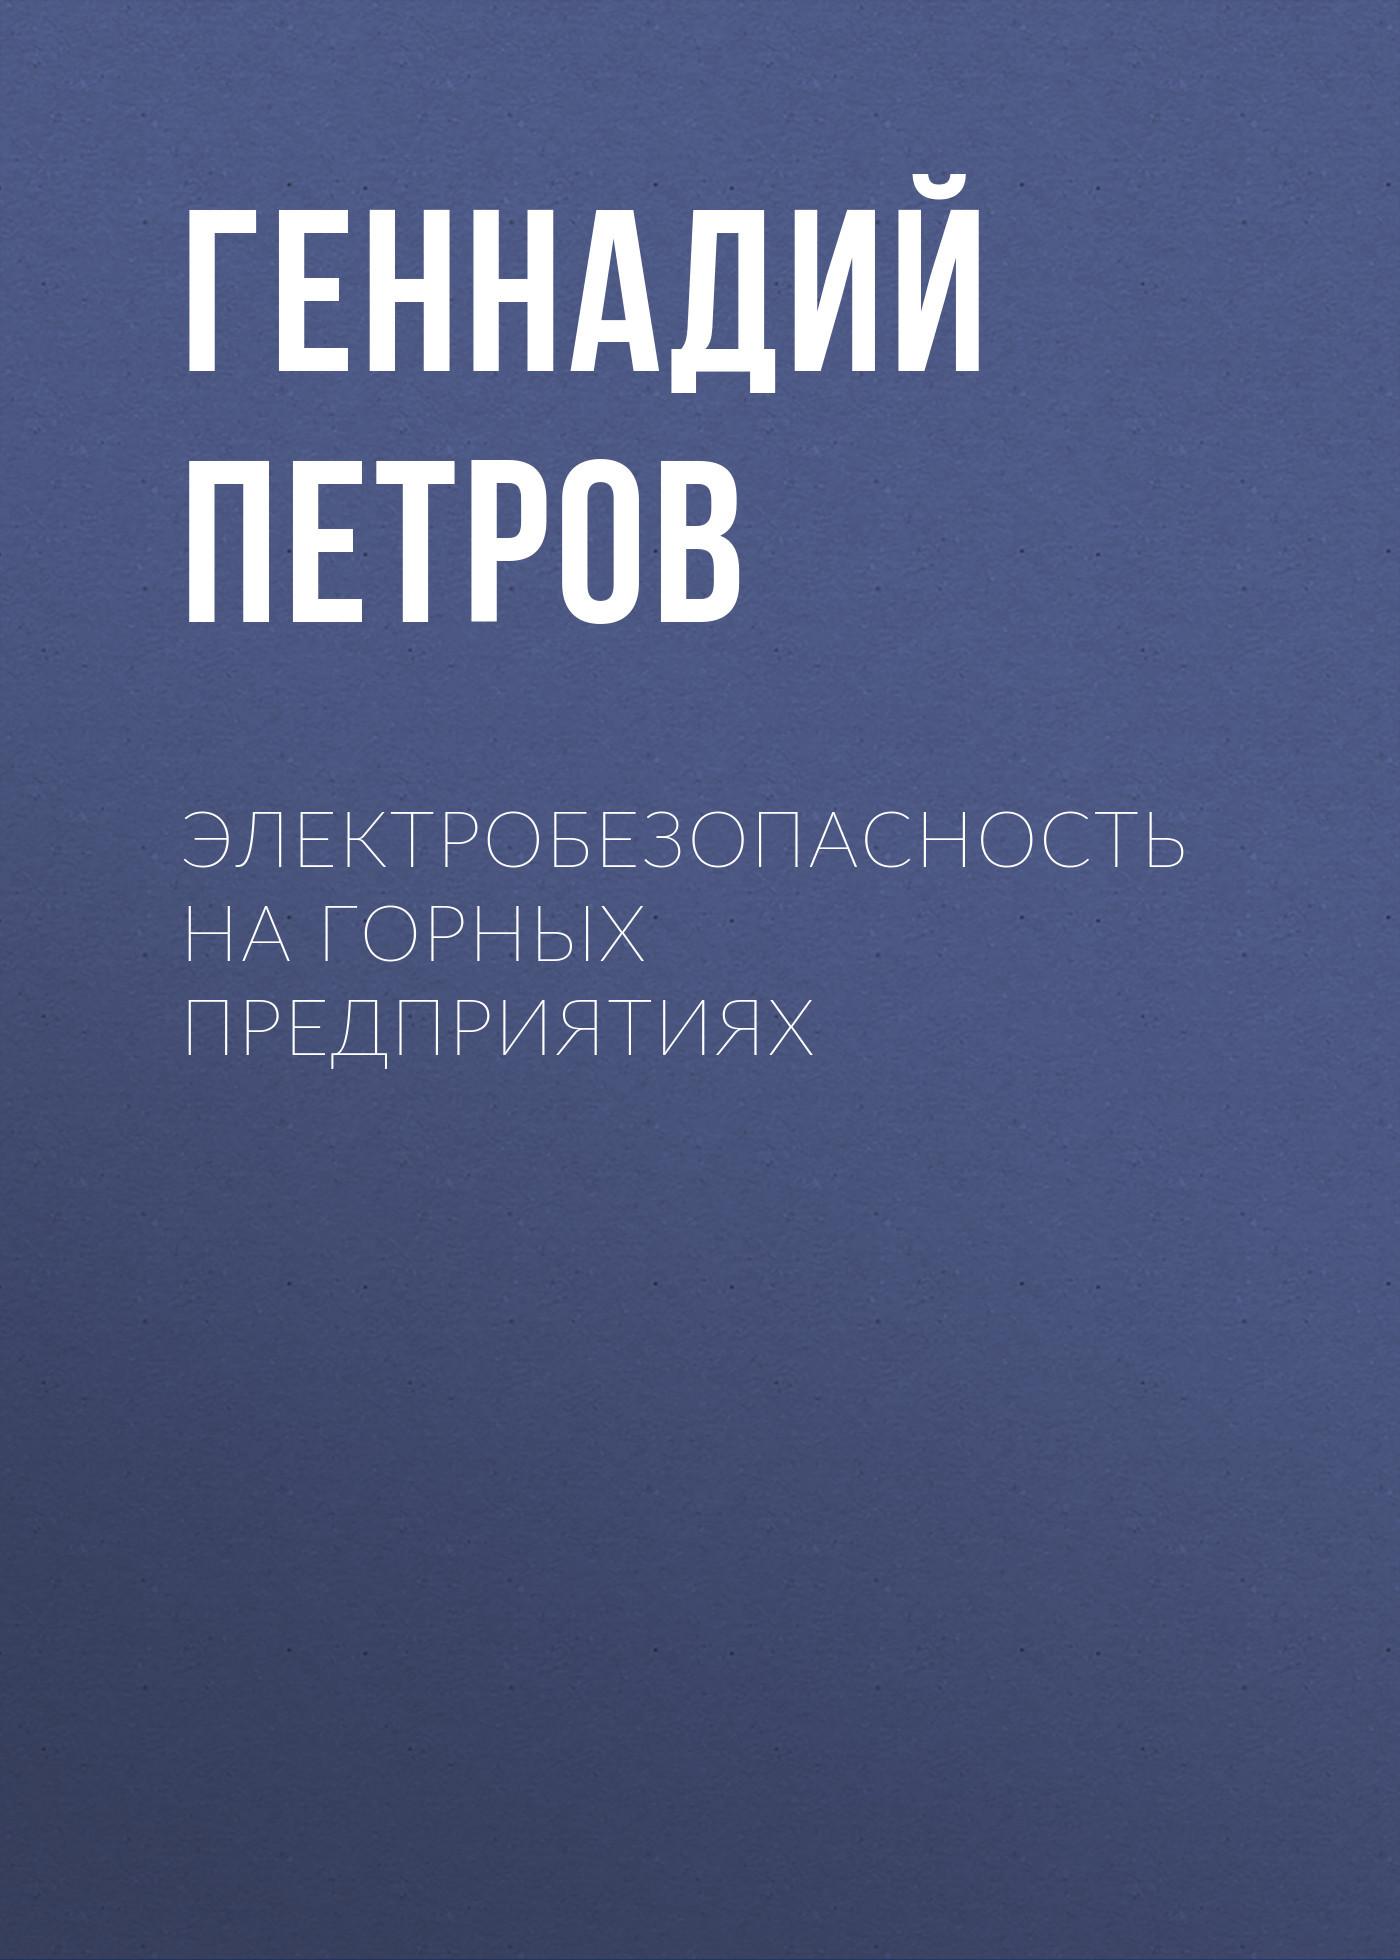 Геннадий Петров Электробезопасность на горных предприятиях зайчик р е электрическая связь на промышленных предприятиях